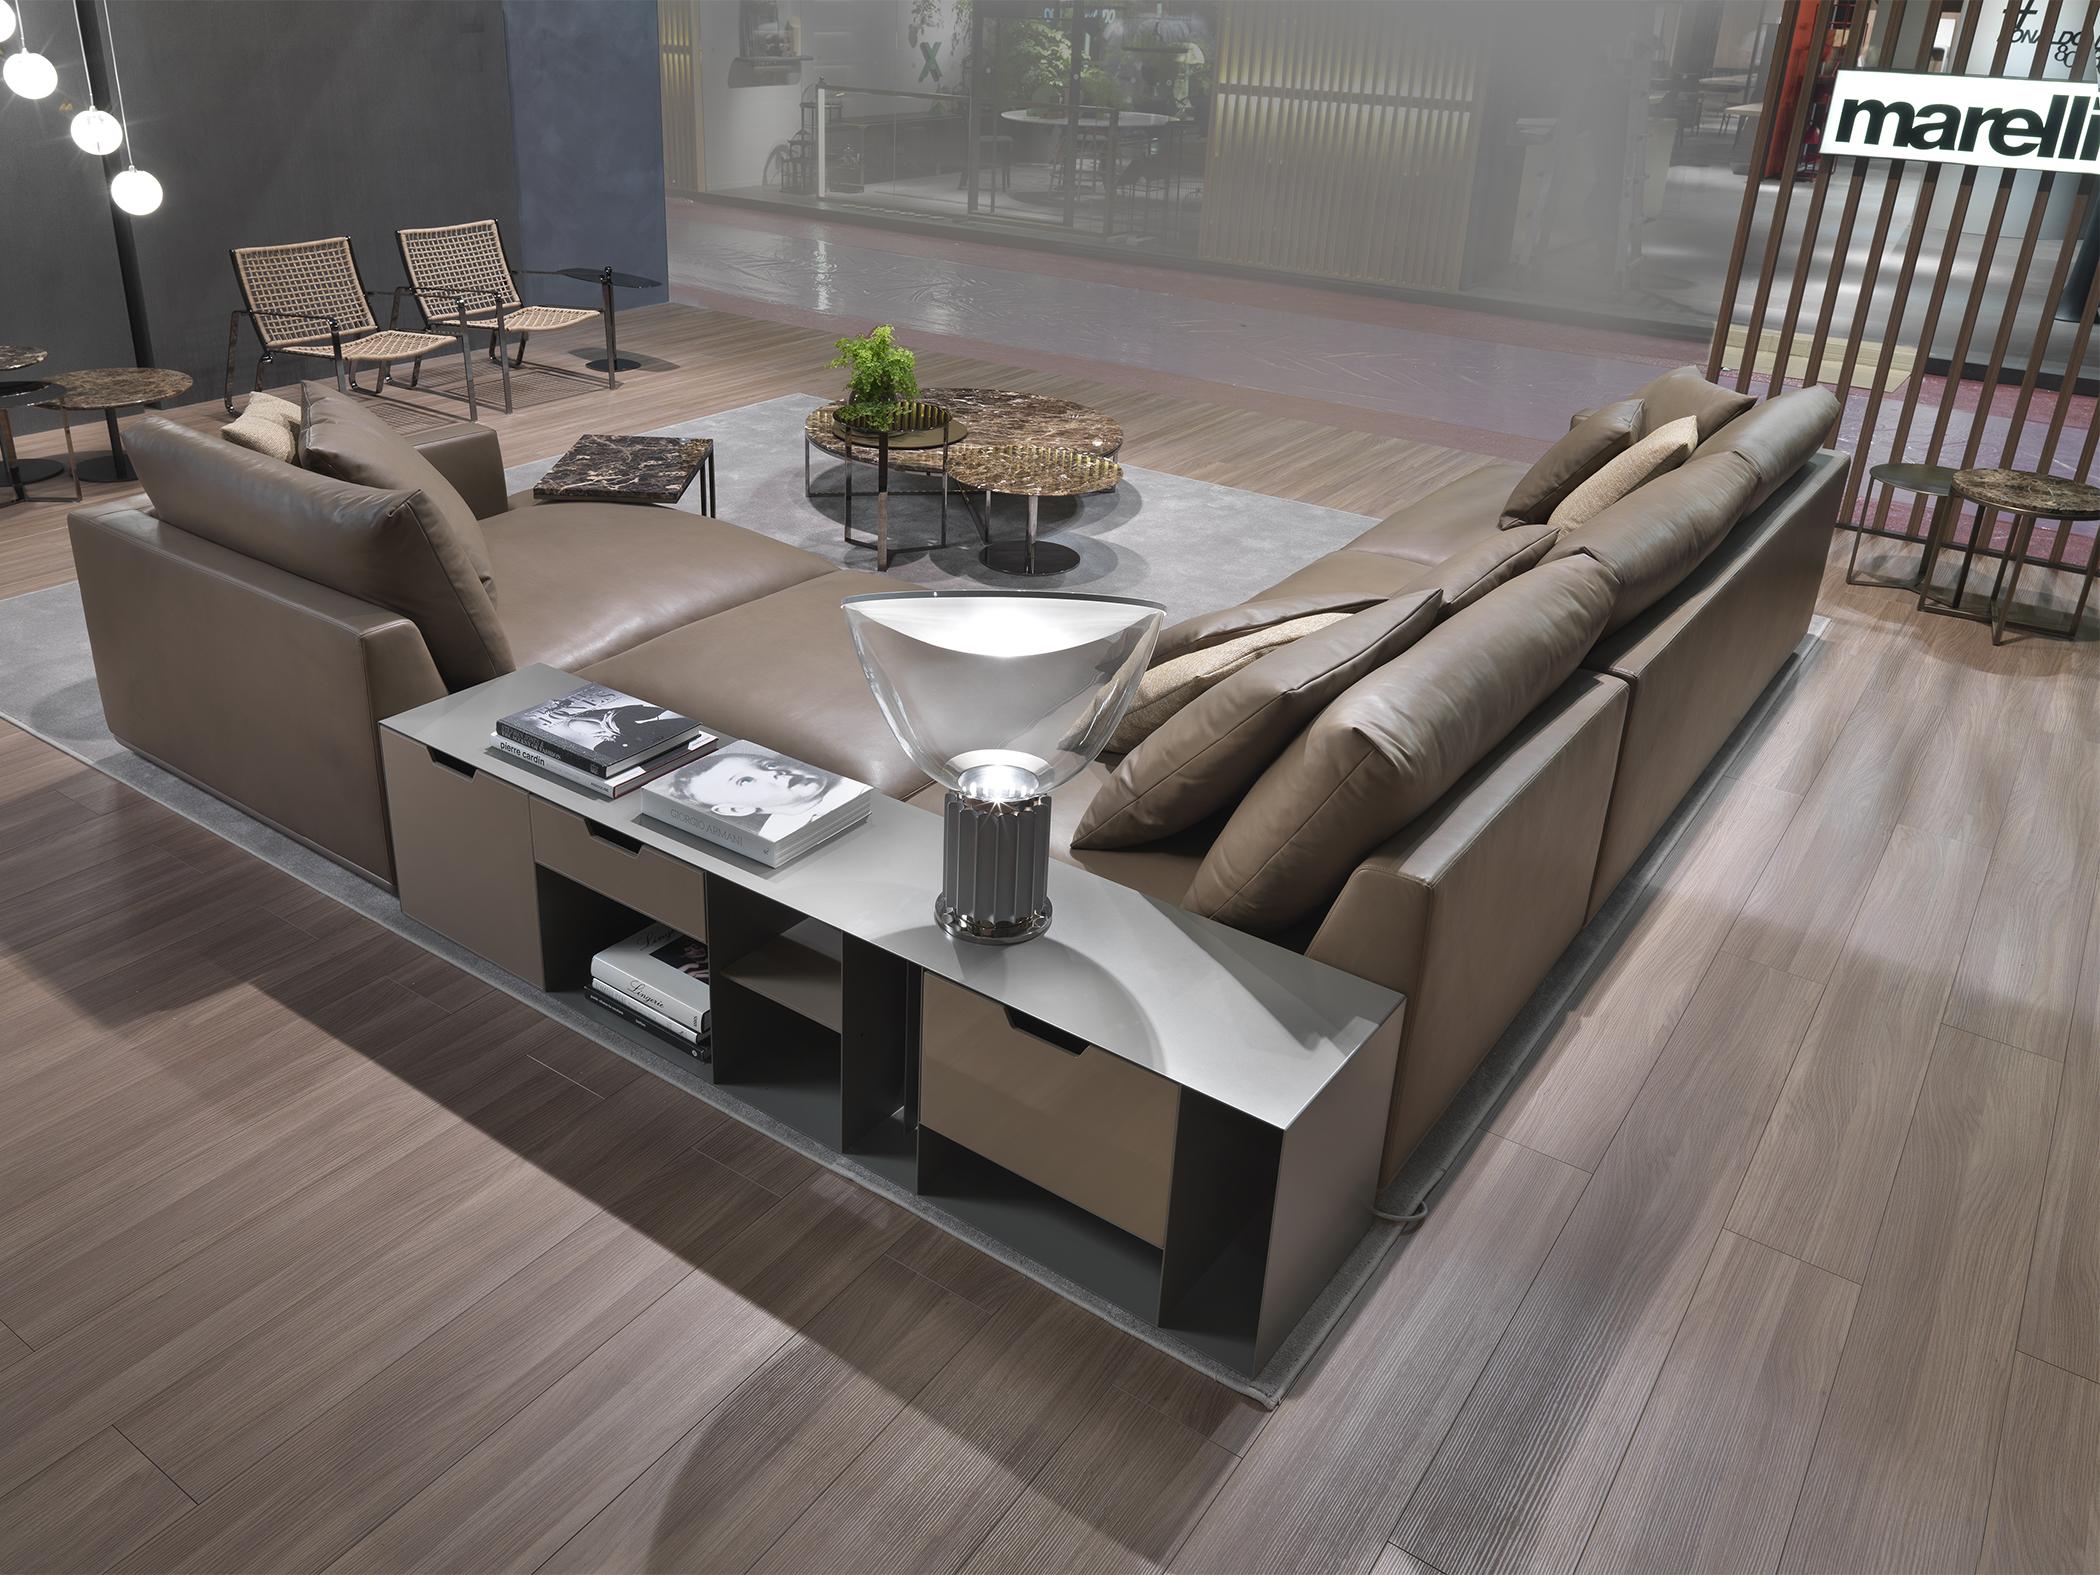 Divano angolare di design in pelle con mobile loft loft for Divani in pelle di design